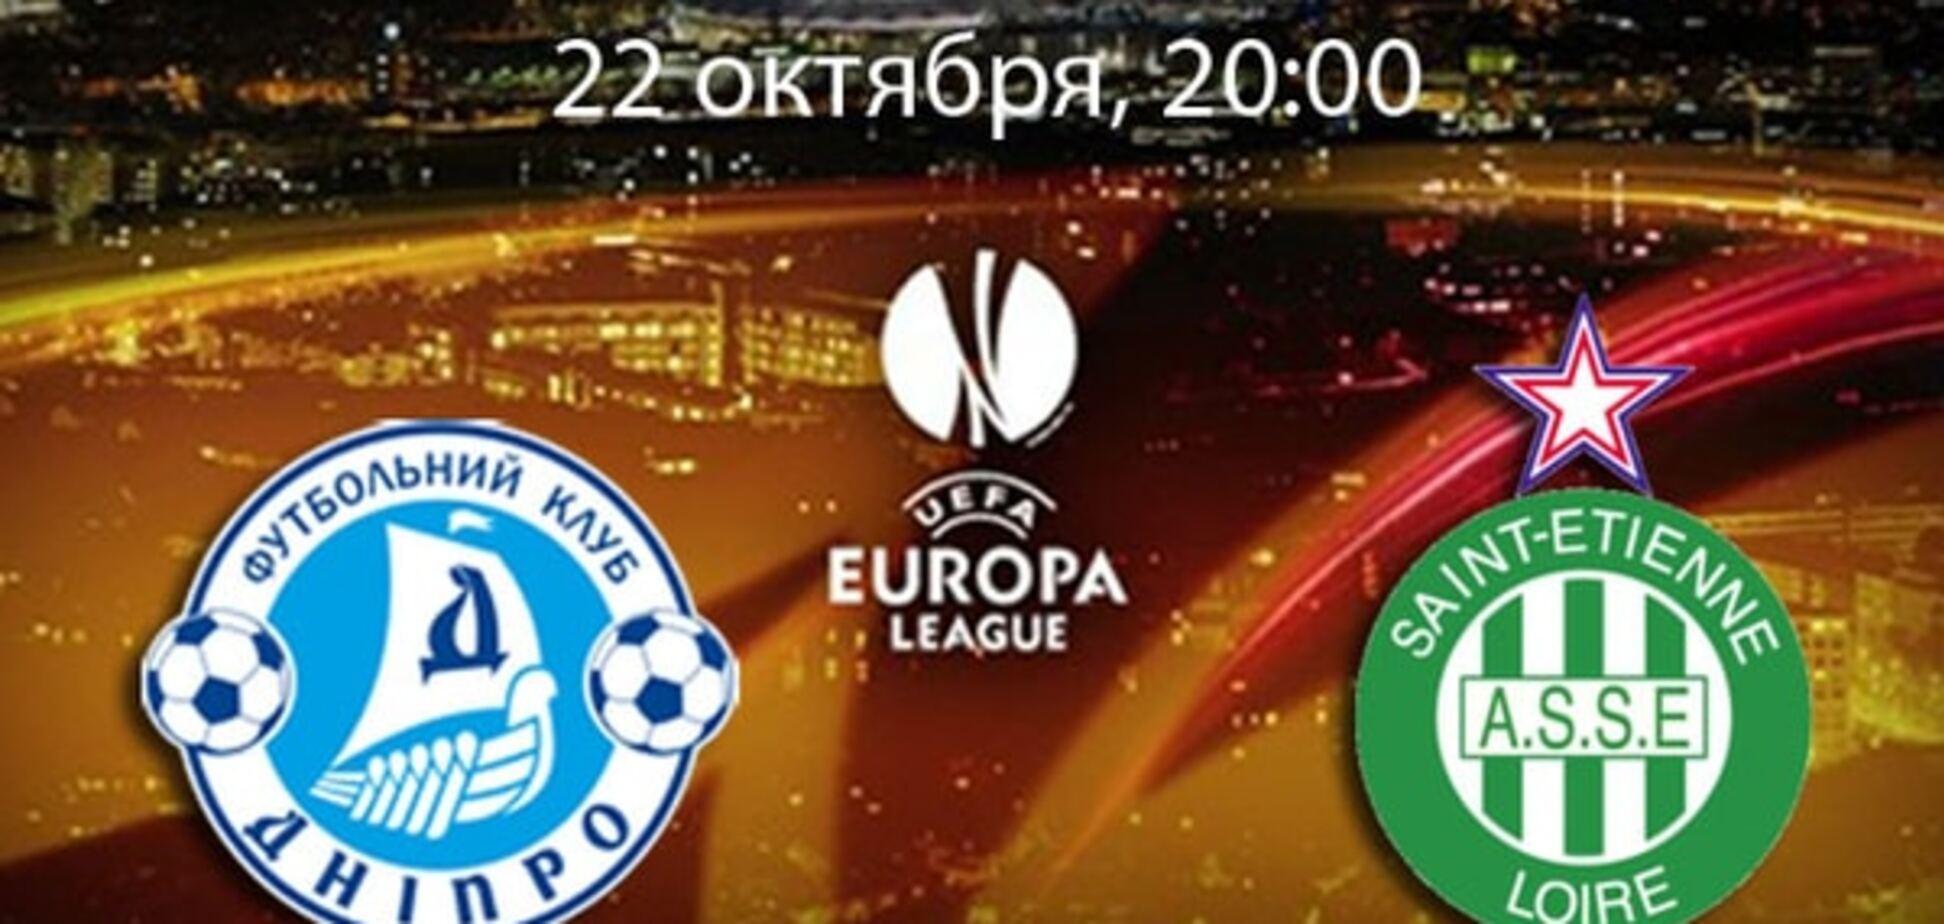 Днепр - Сент-Этьен: анонс, прогноз, где смотреть матч Лиги Европы